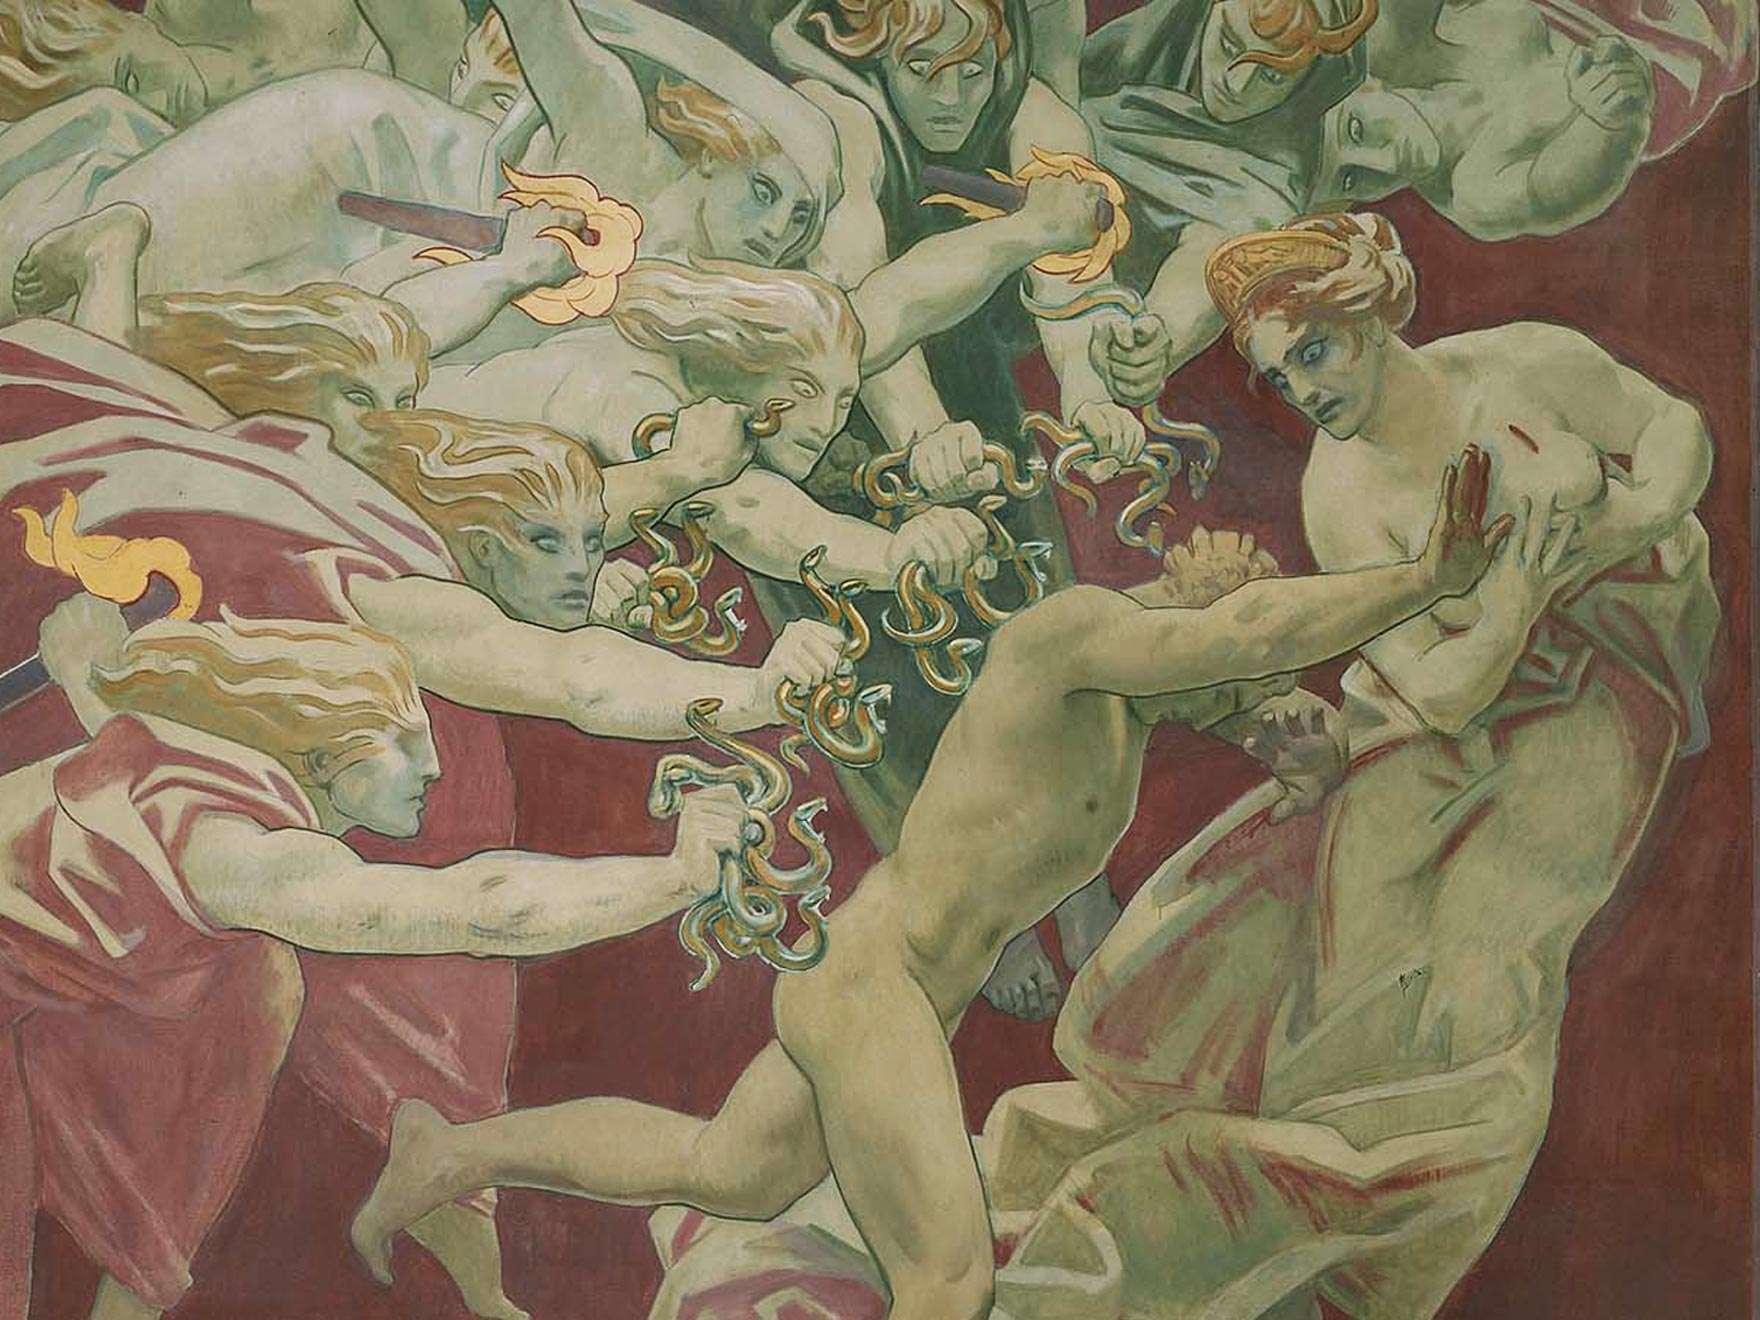 John Singer Sargent, Orestes, 1922-25